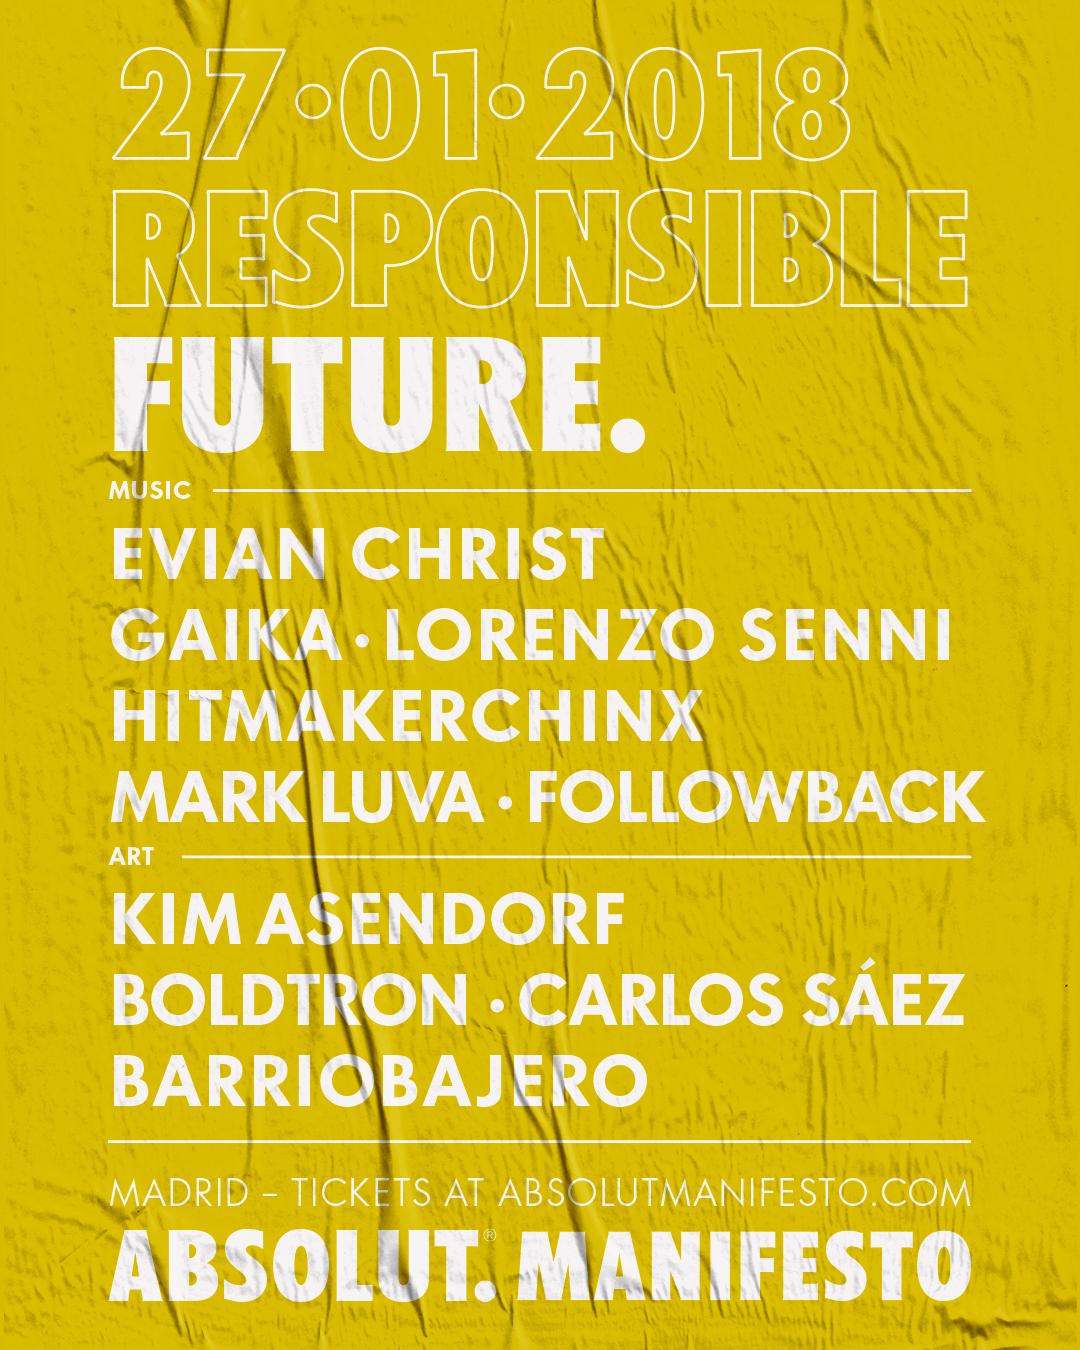 lineup-responsiblefuture-ig